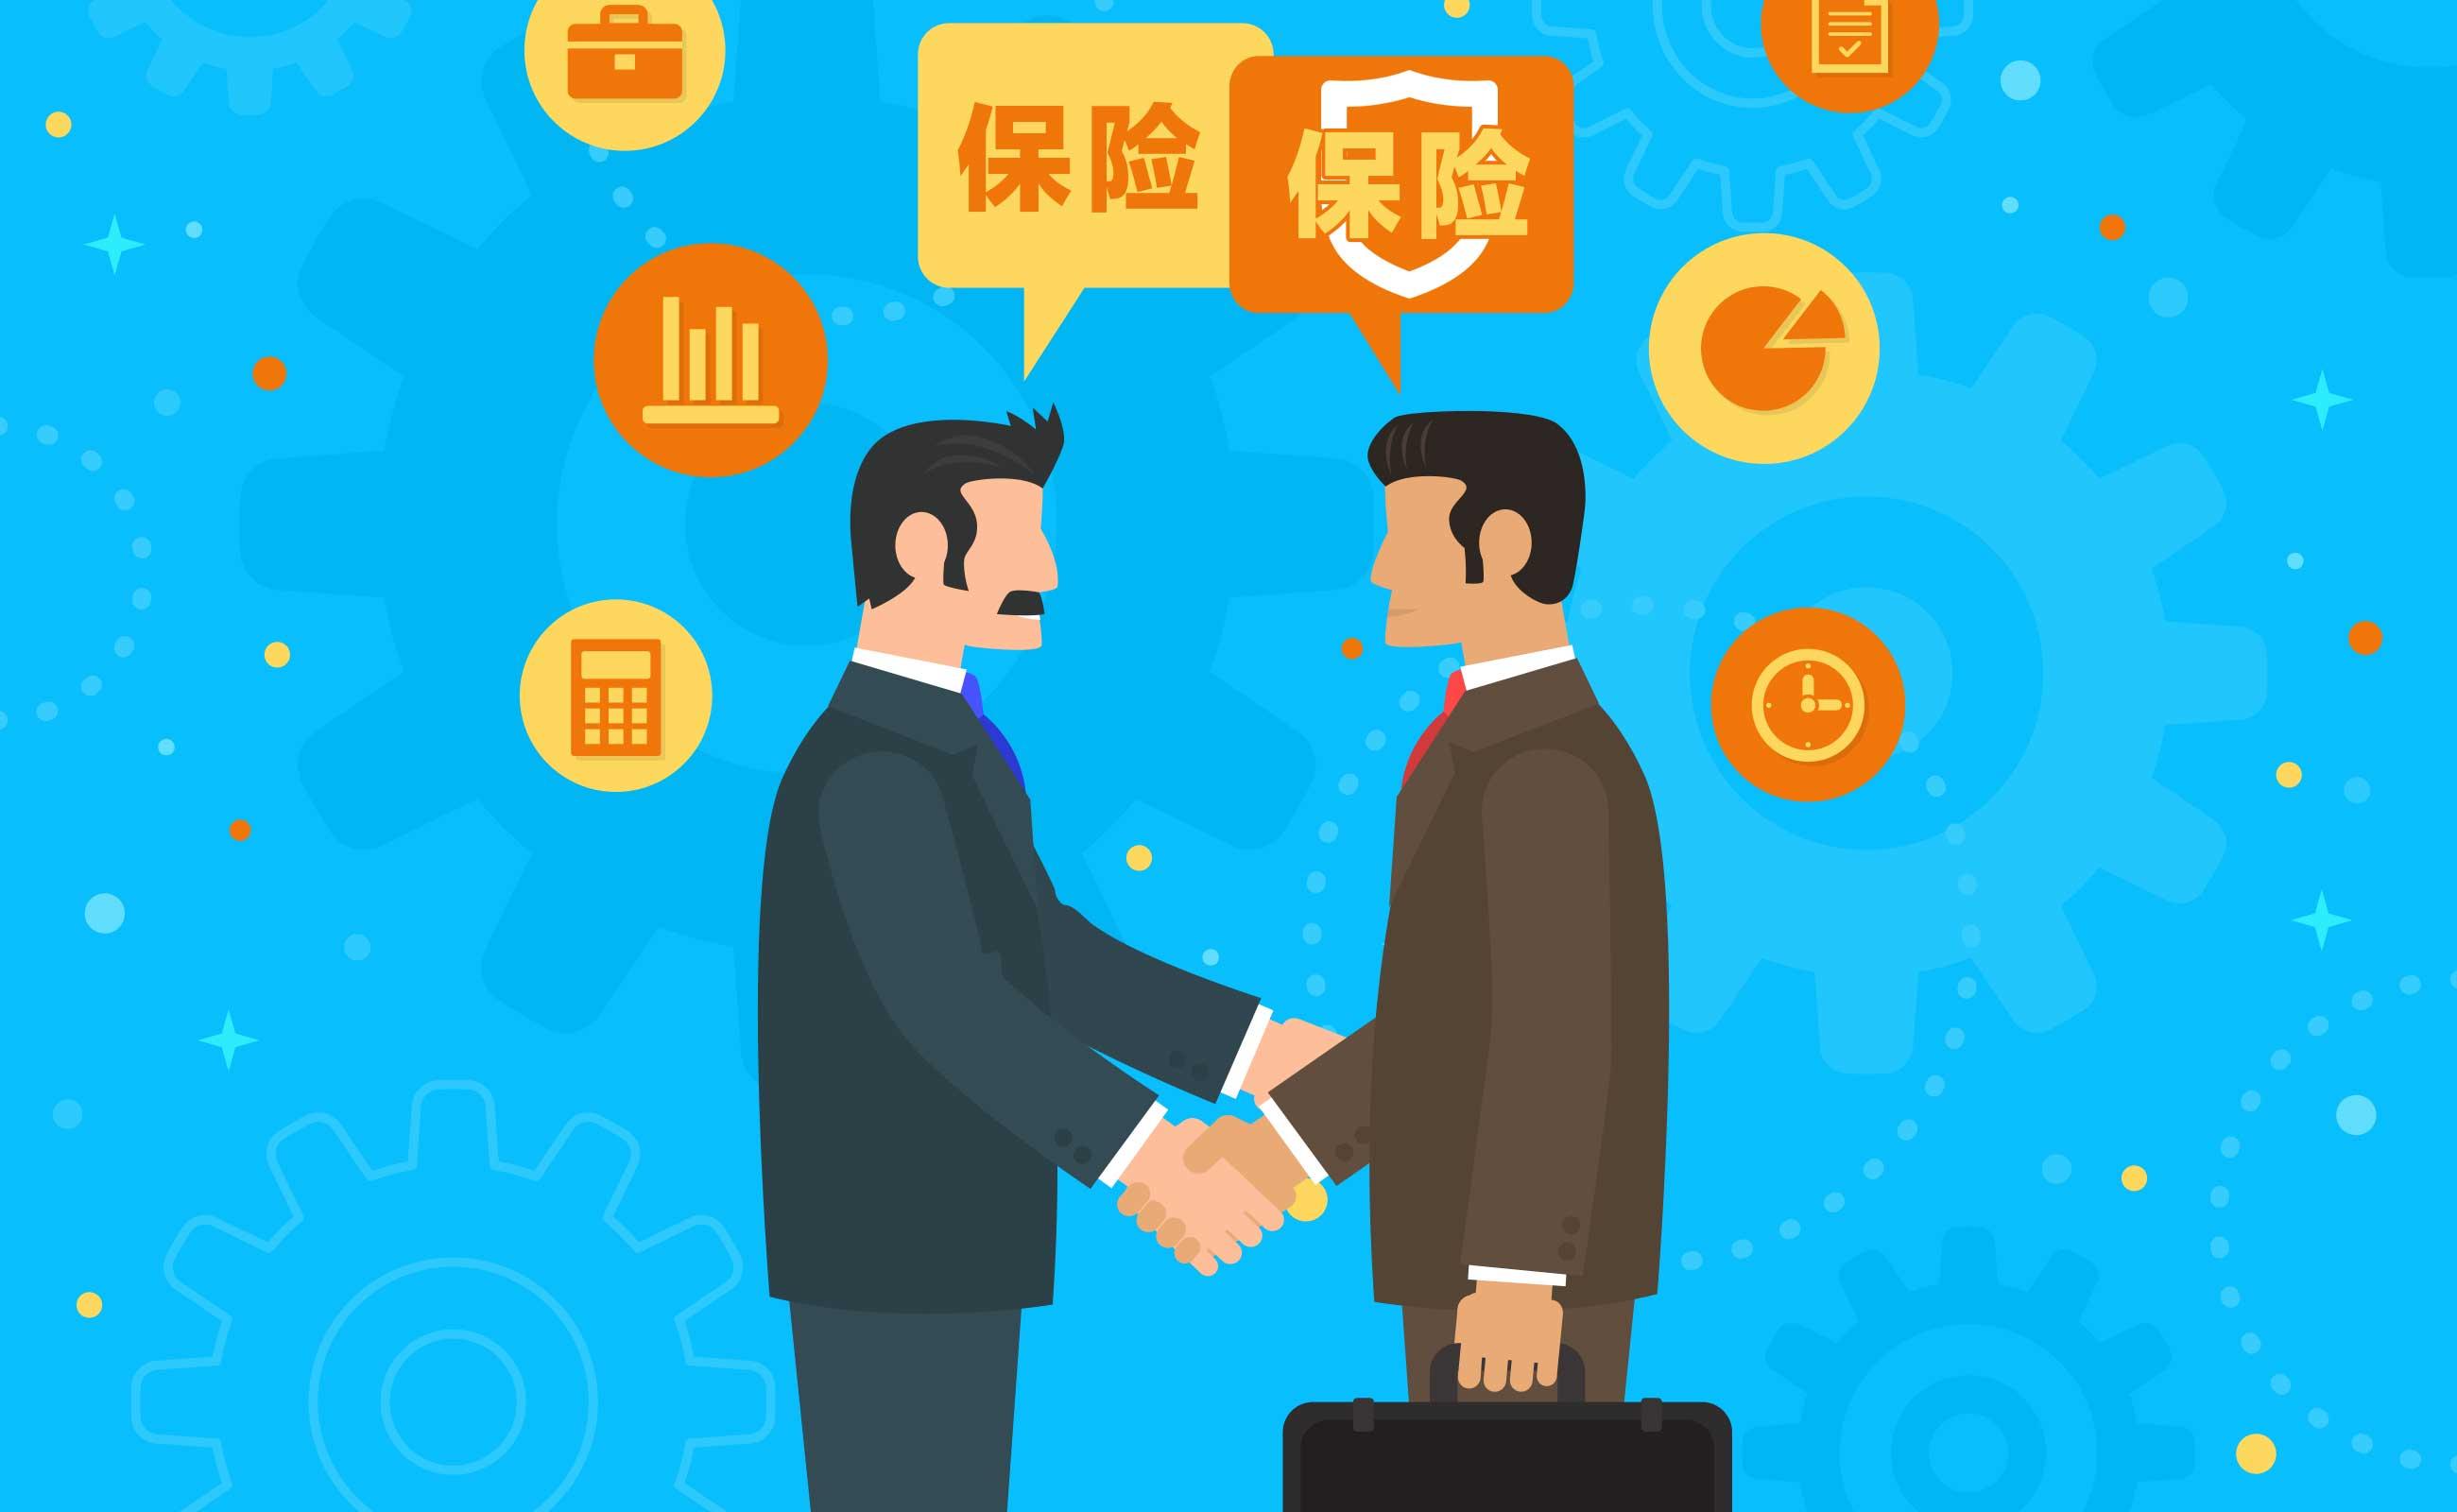 新三板保险科技企业战略转向 两家将赴港IPO